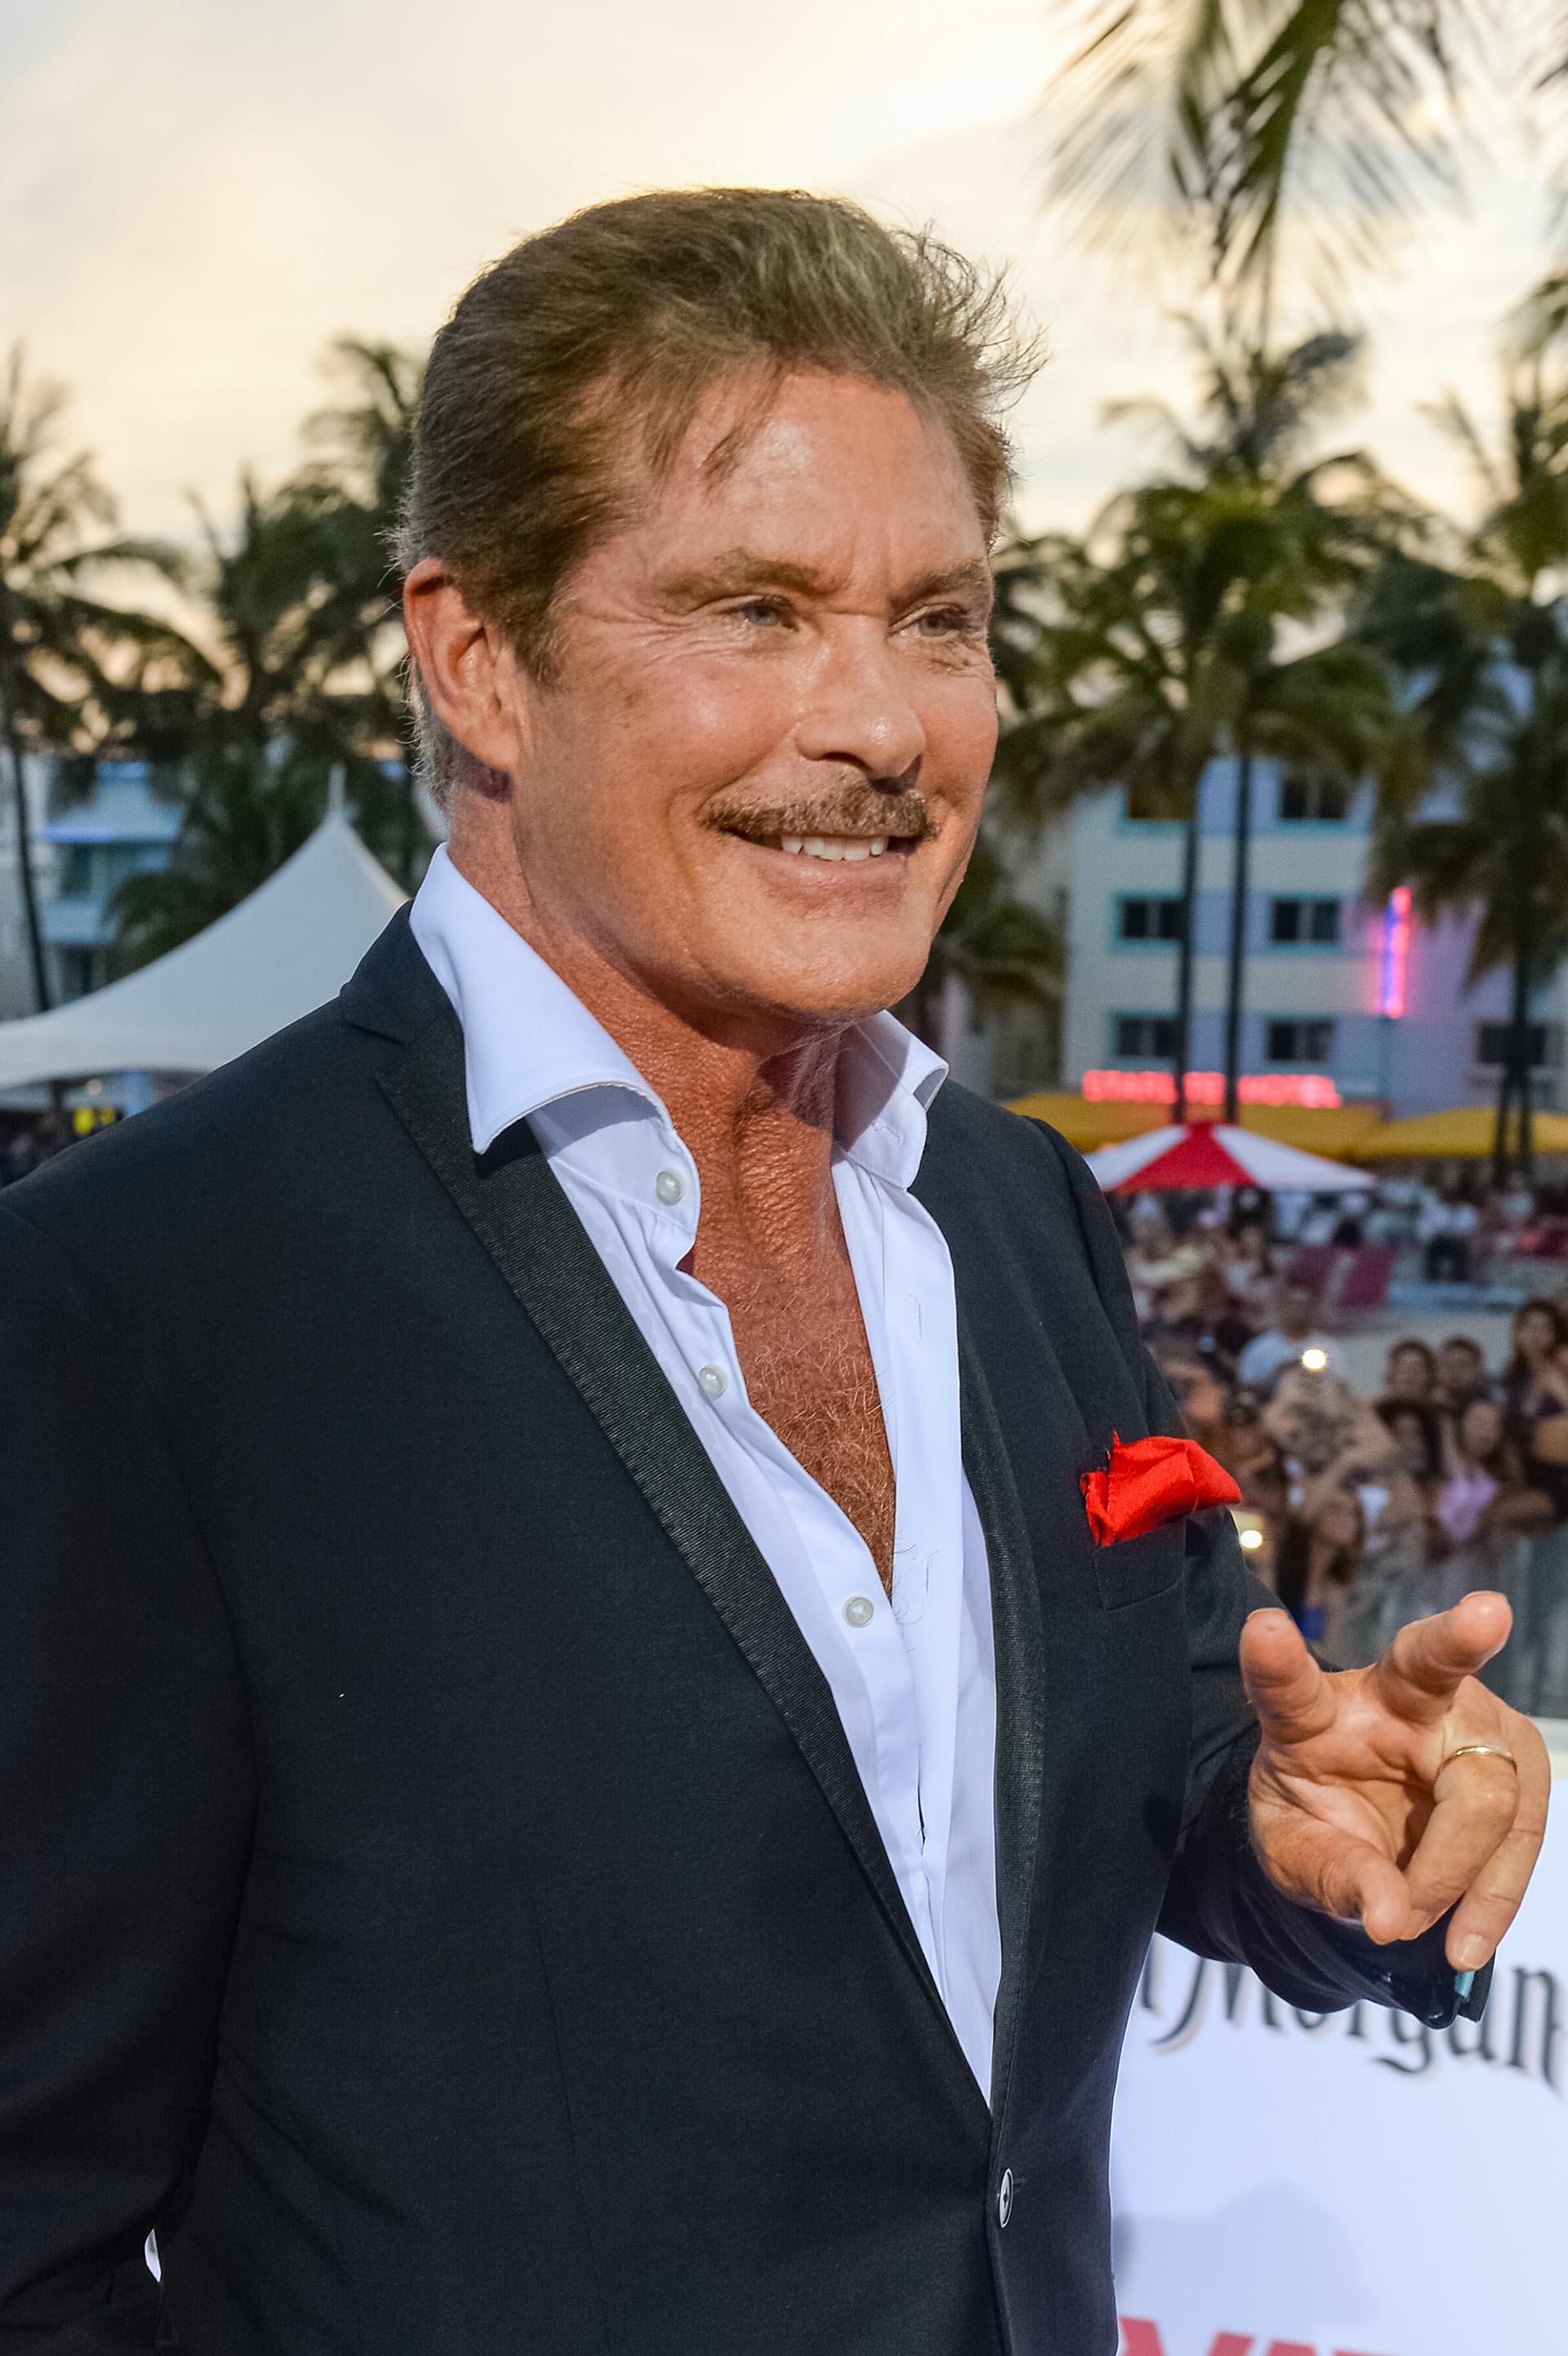 A los 64 años, David Hasselhoff se conserva como uno de los emblemáticos galanes de Hollywood